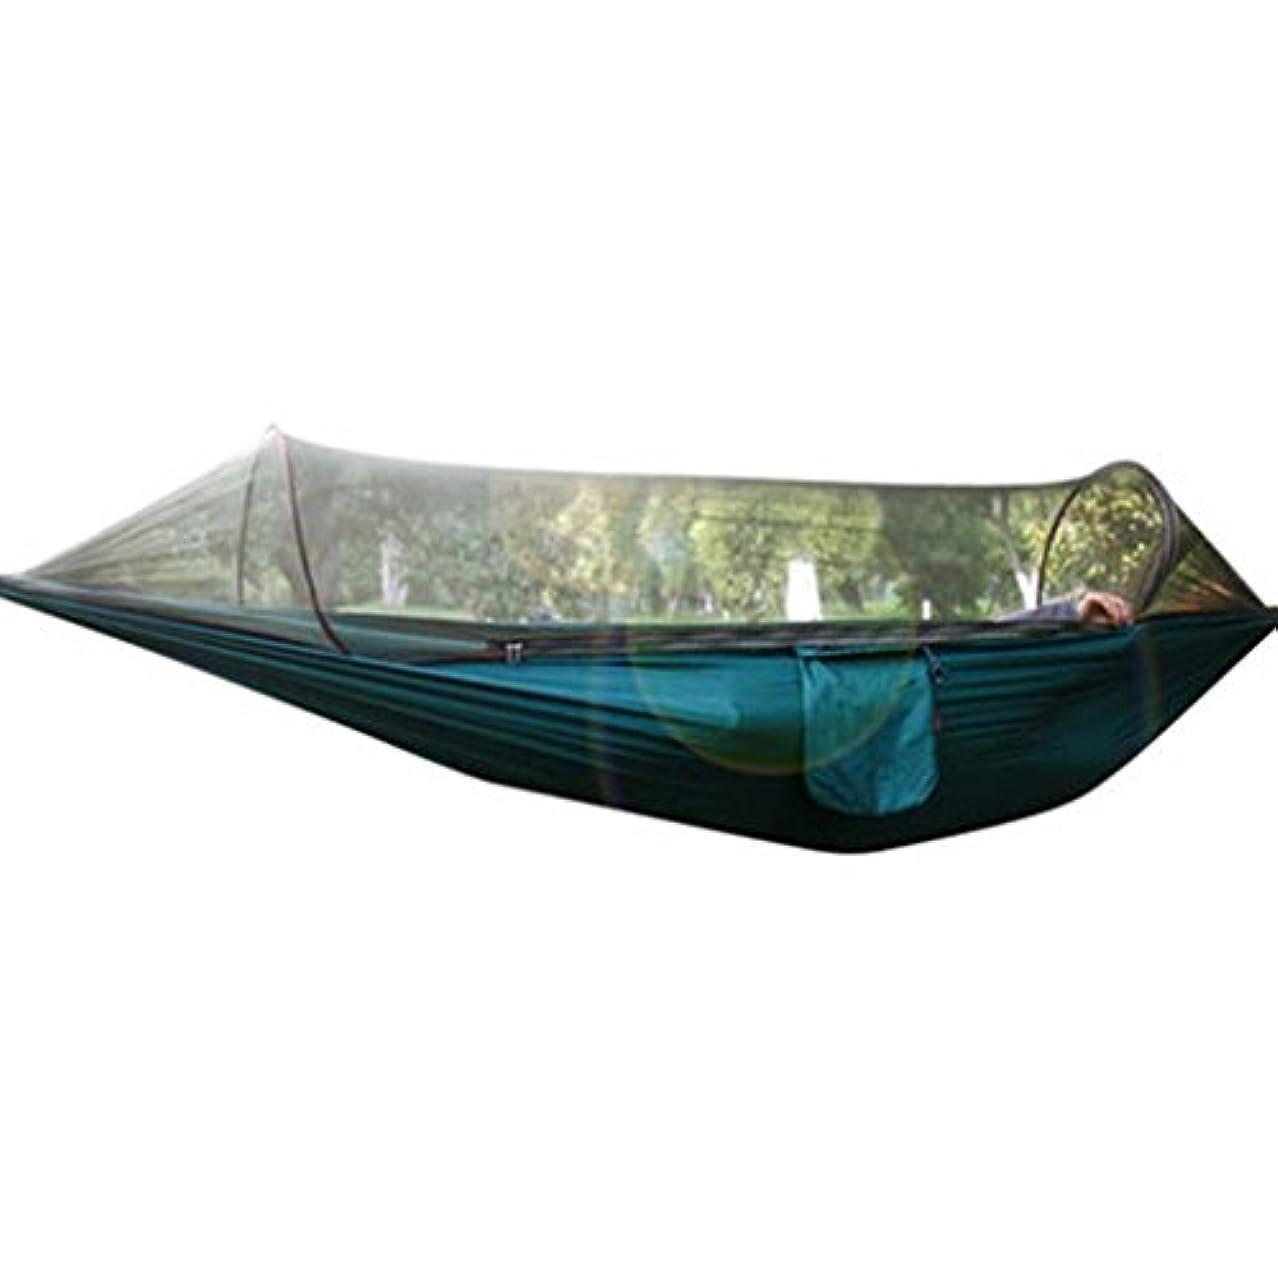 締める怒って約束するハンモック アウトドアキャンプスイングテントパラシュート蚊帳ハンモック (Color : Green 1)